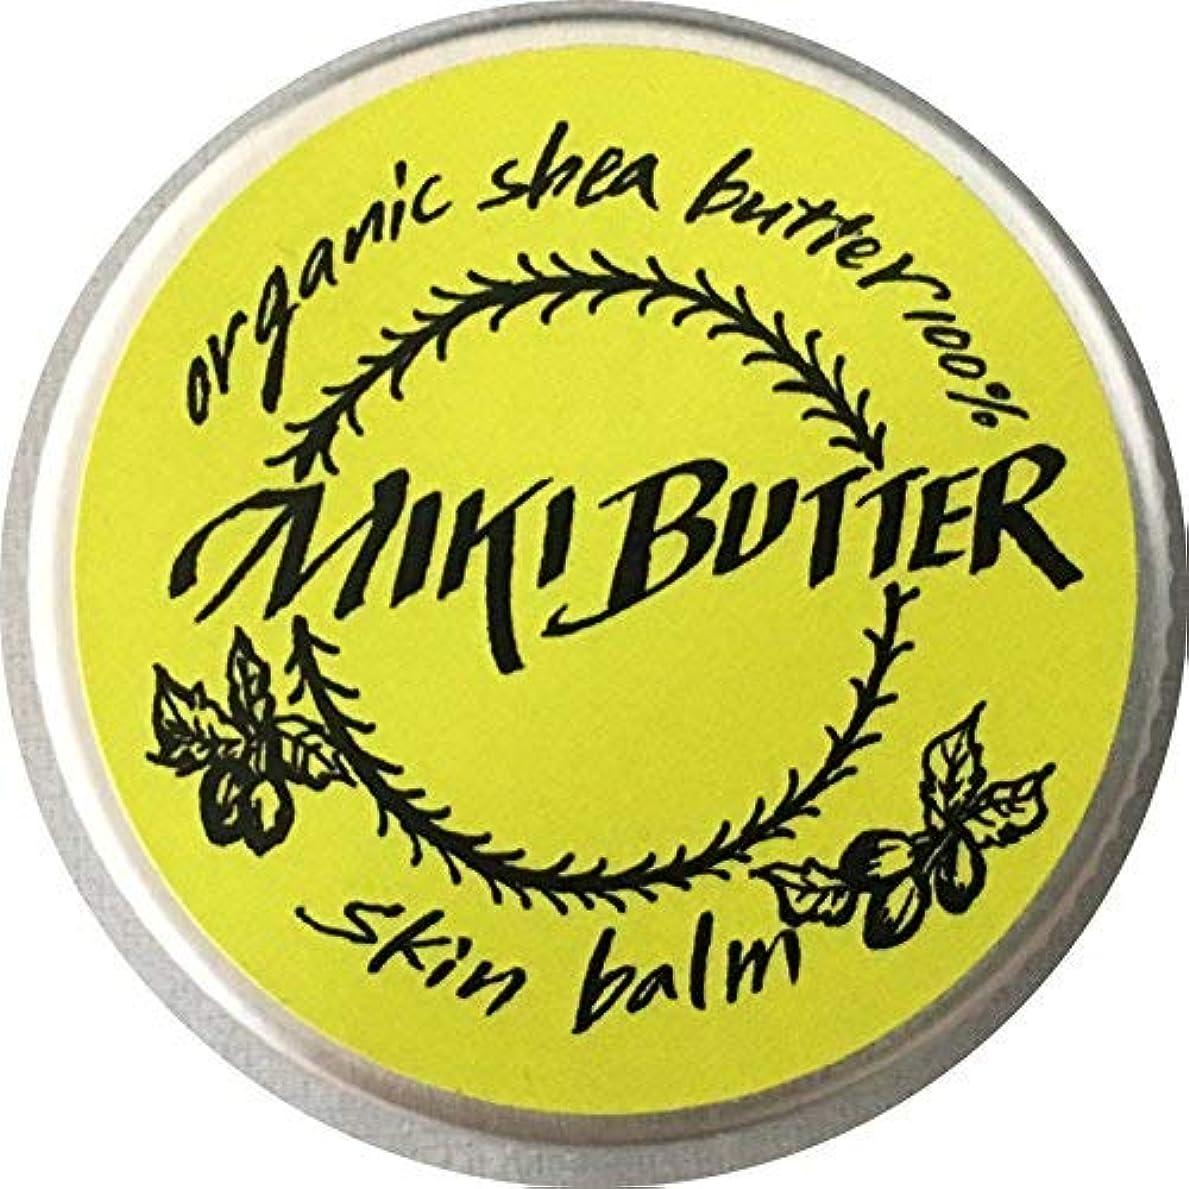 航空会社それに応じて失速100% 天然 未精製シアバター ミキバター (パール柑, 45)